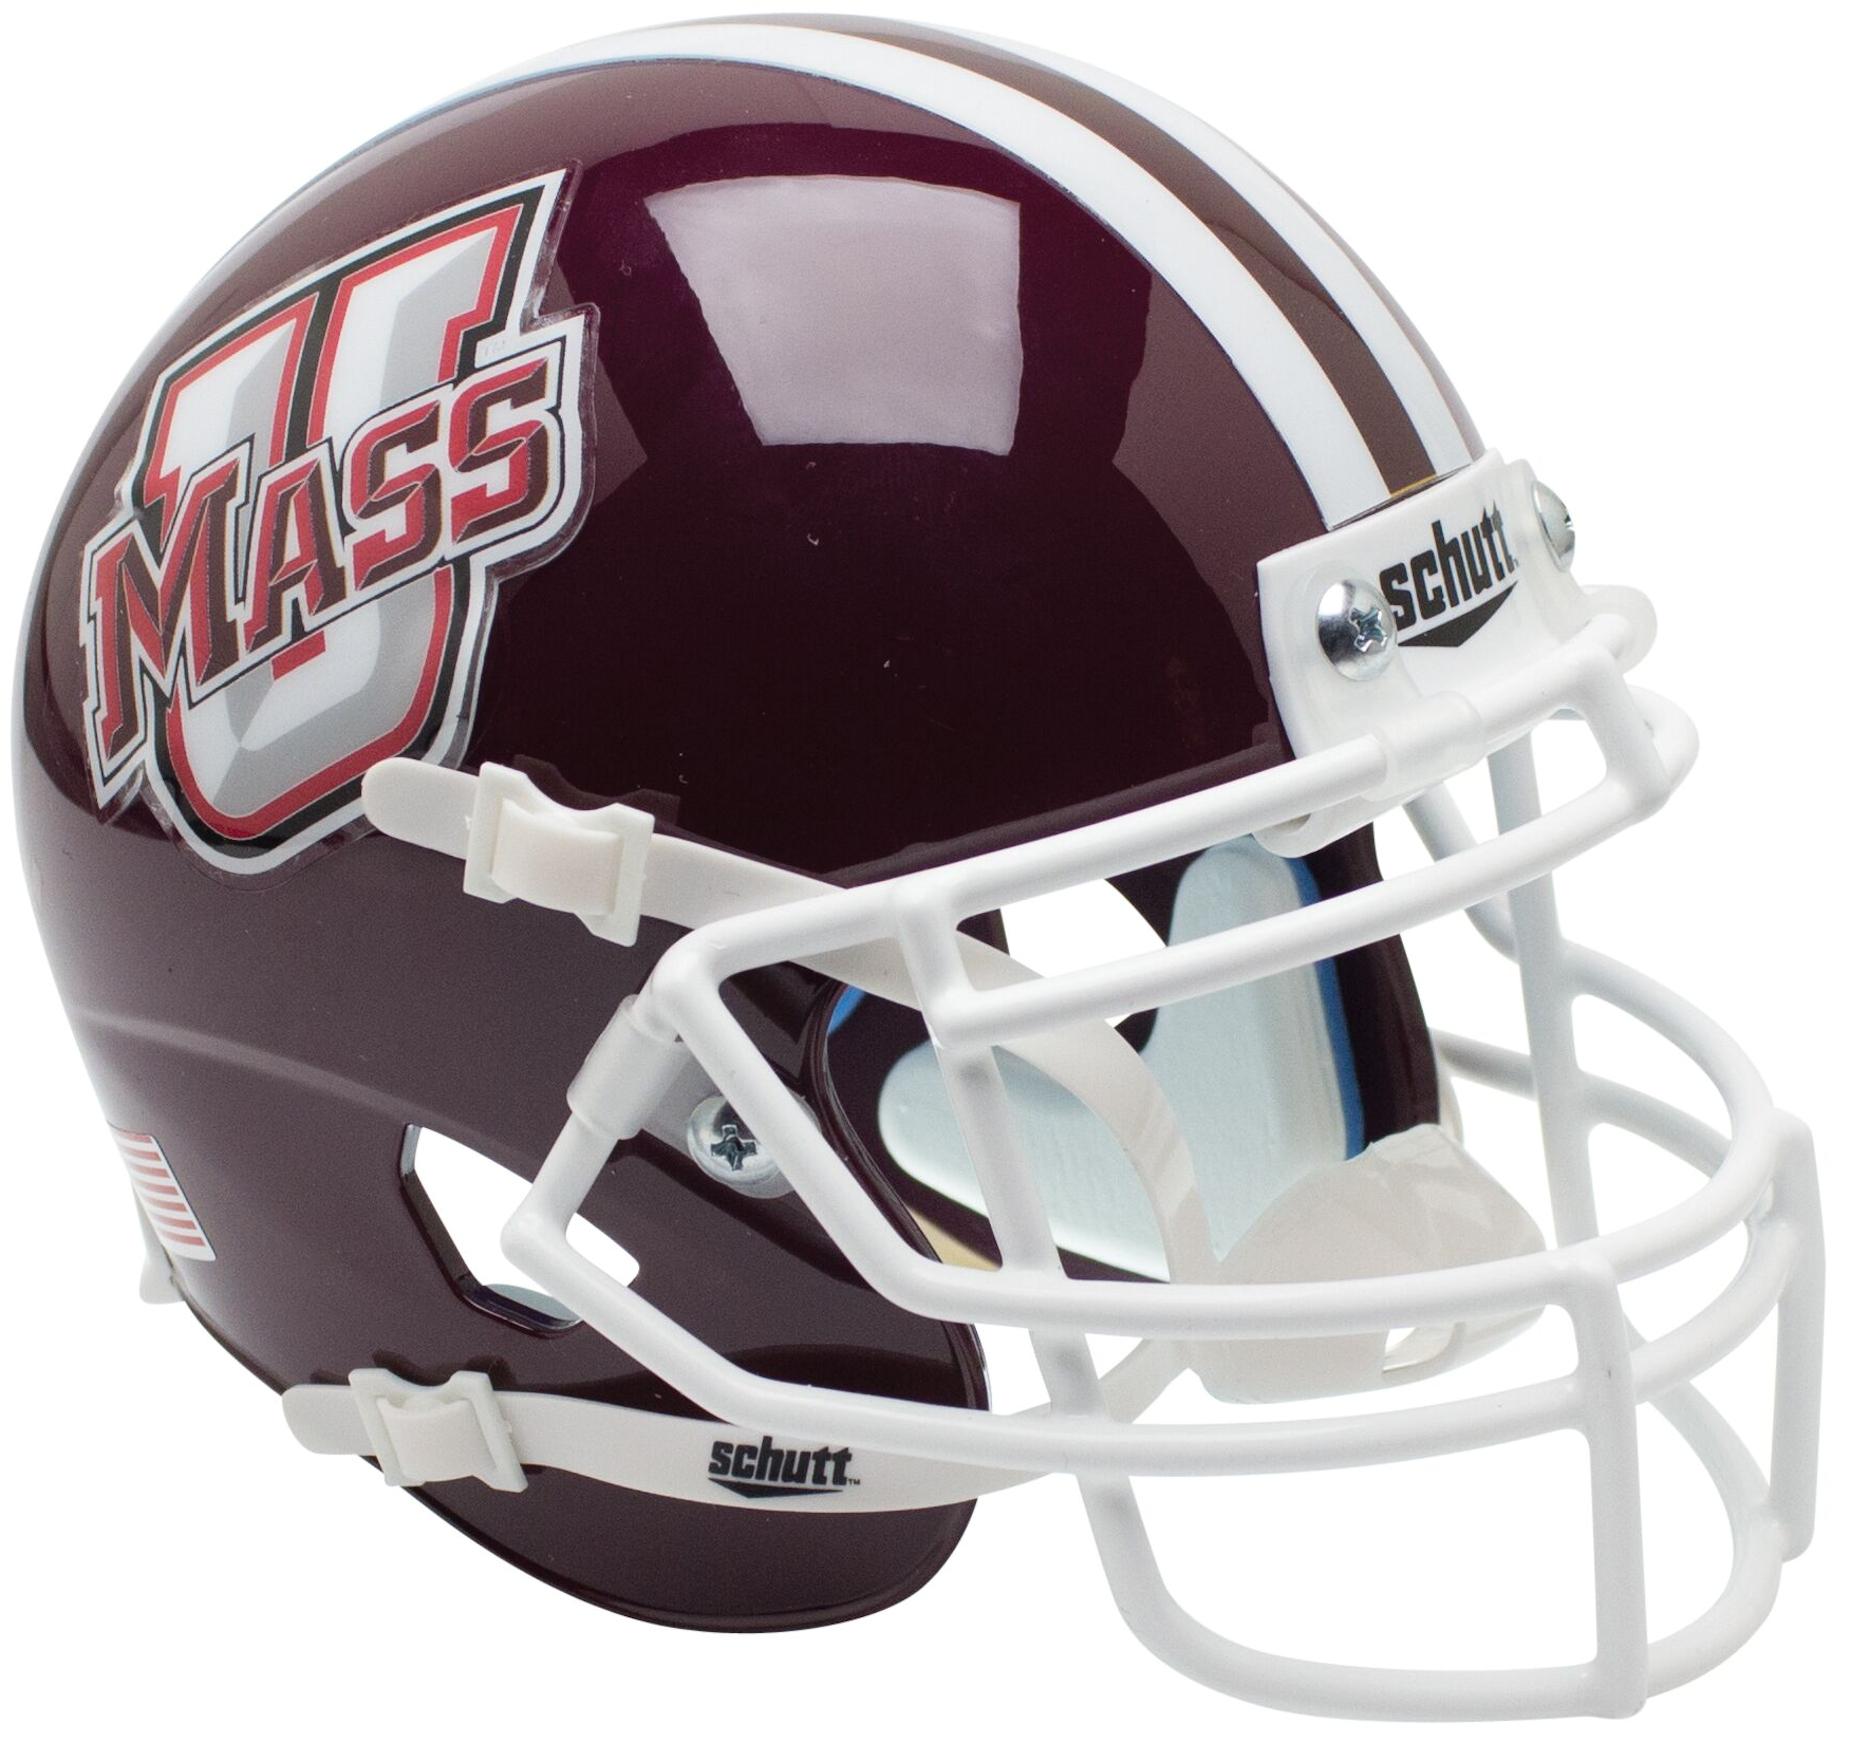 U Mass Minutemen Full XP Replica Football Helmet Schutt <B>Stripe</B>